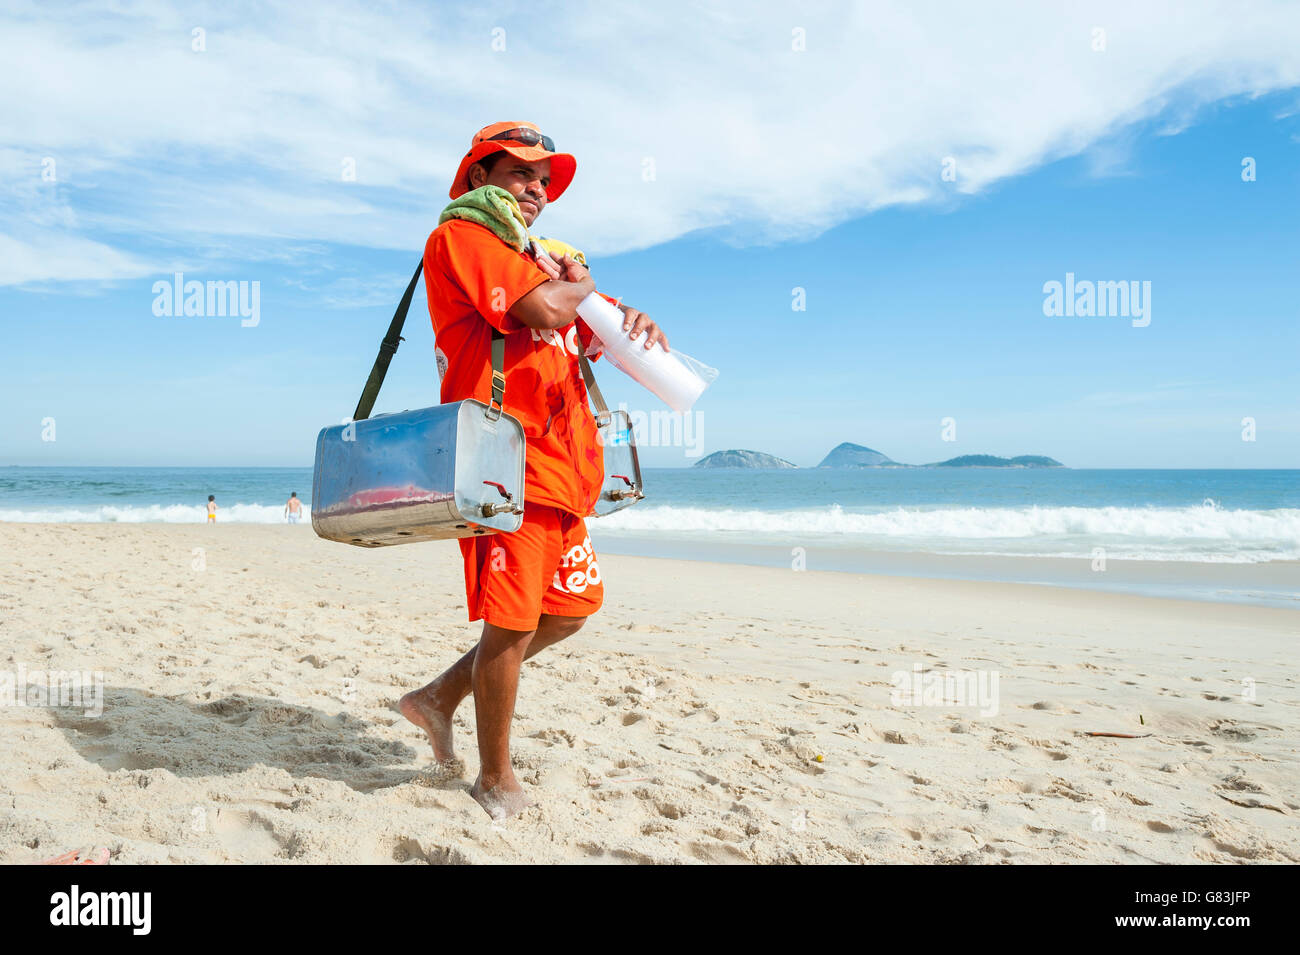 RIO DE JANEIRO, Brésil - 15 mars 2015: Vendeur de plage d'Amérique du Sud vente de thé Photo Stock